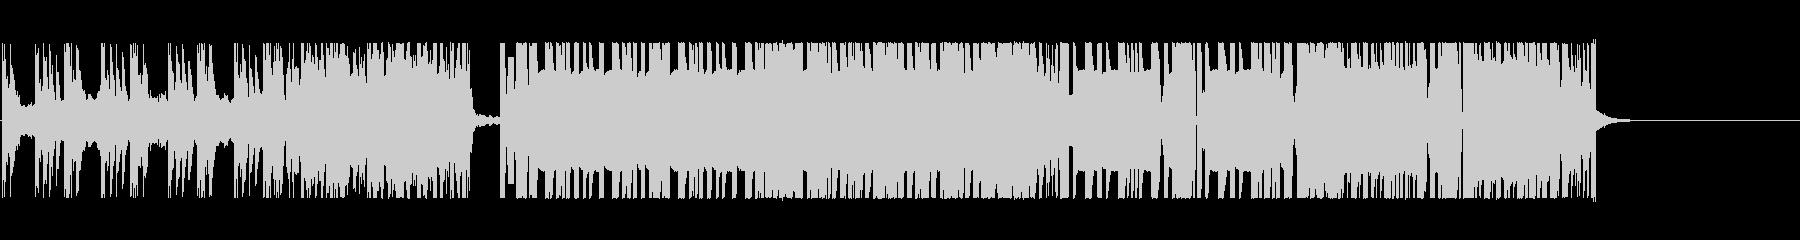 硬くて重たいドラムンベースの未再生の波形